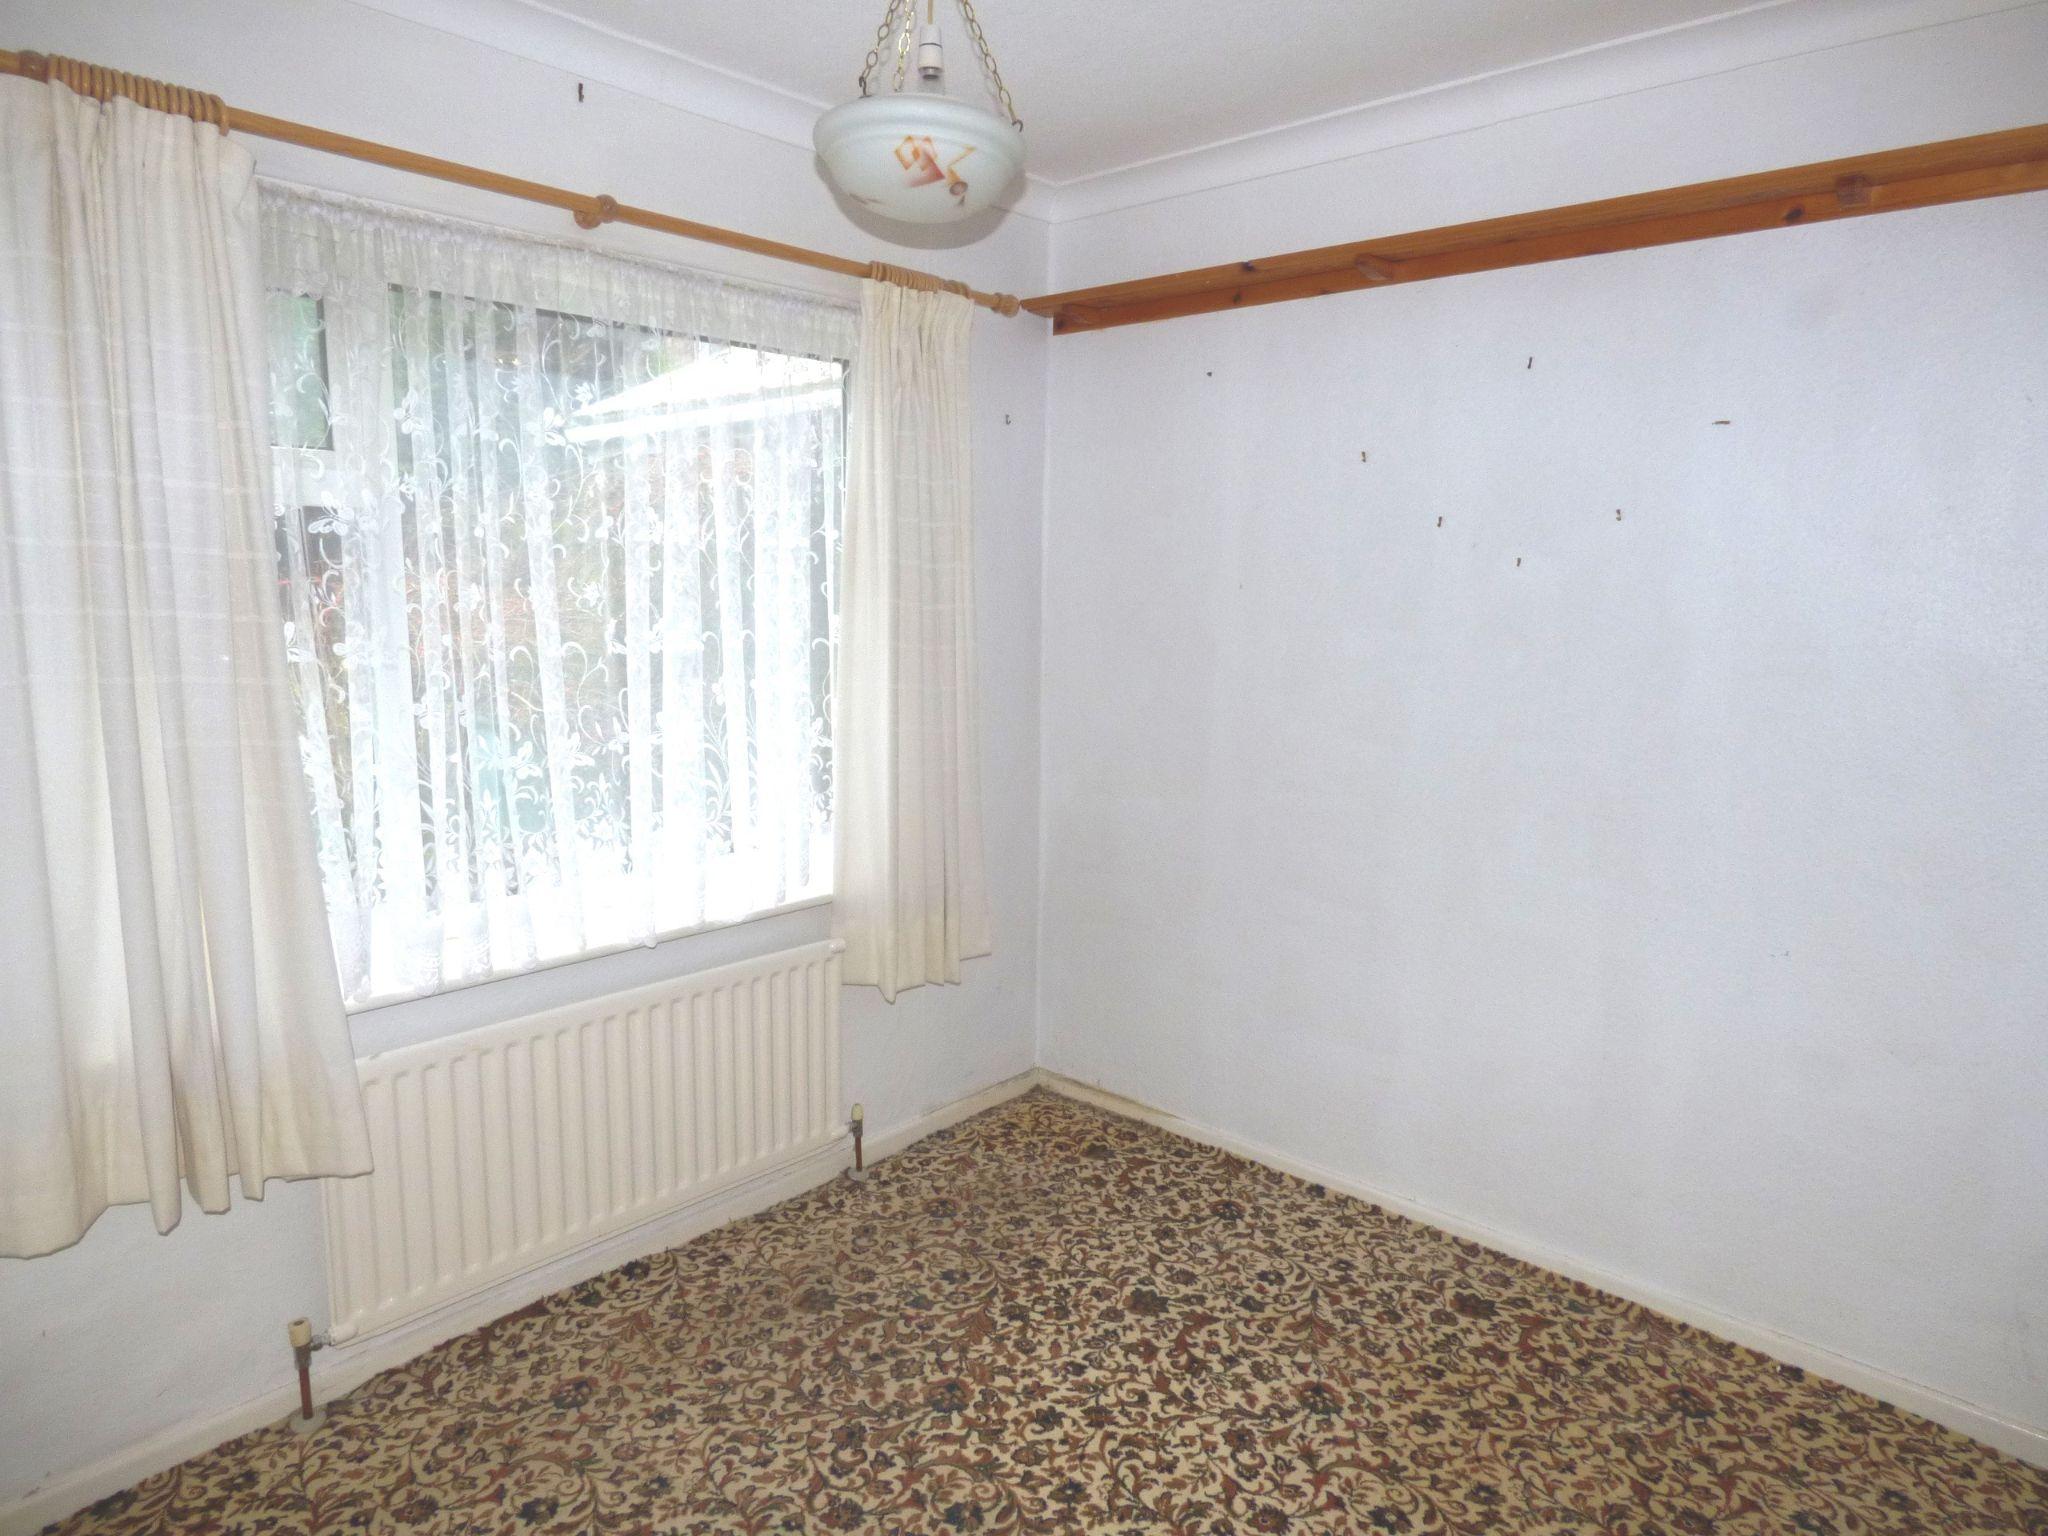 2 Bedroom Semi-detached Bungalow For Sale - Photograph 5